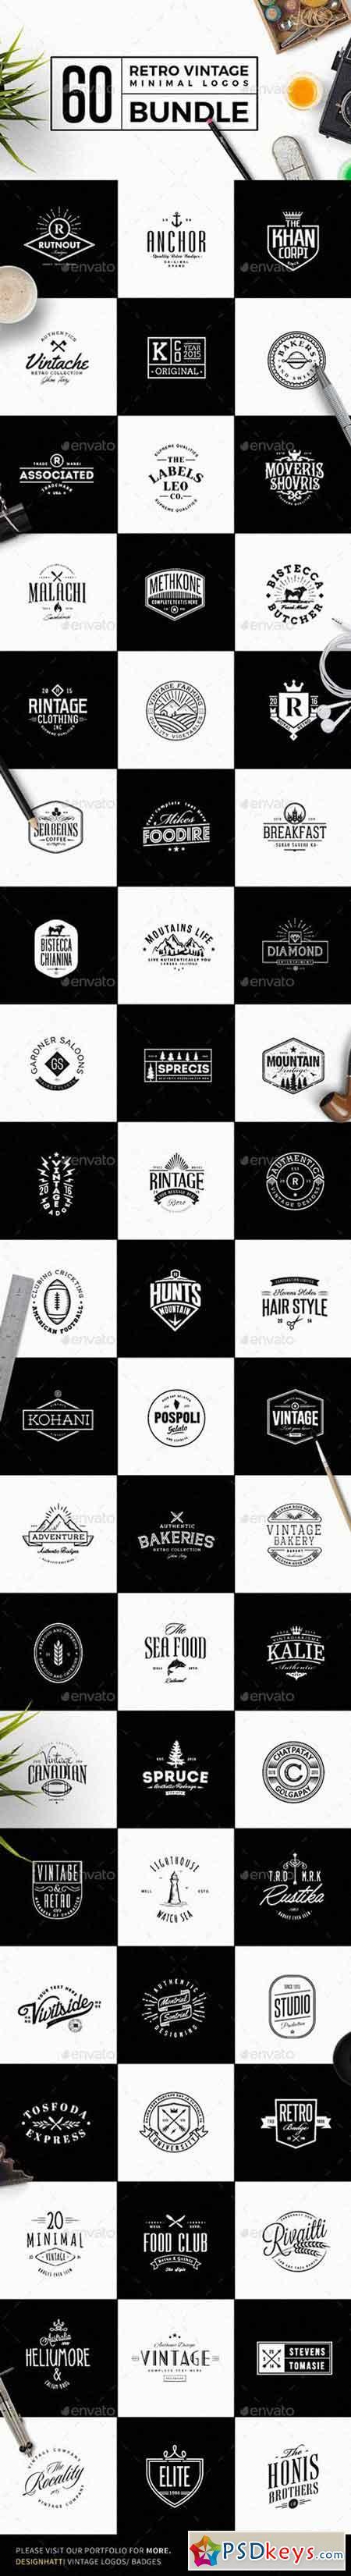 60 Vintage Minimal Logos Bundle 19373184